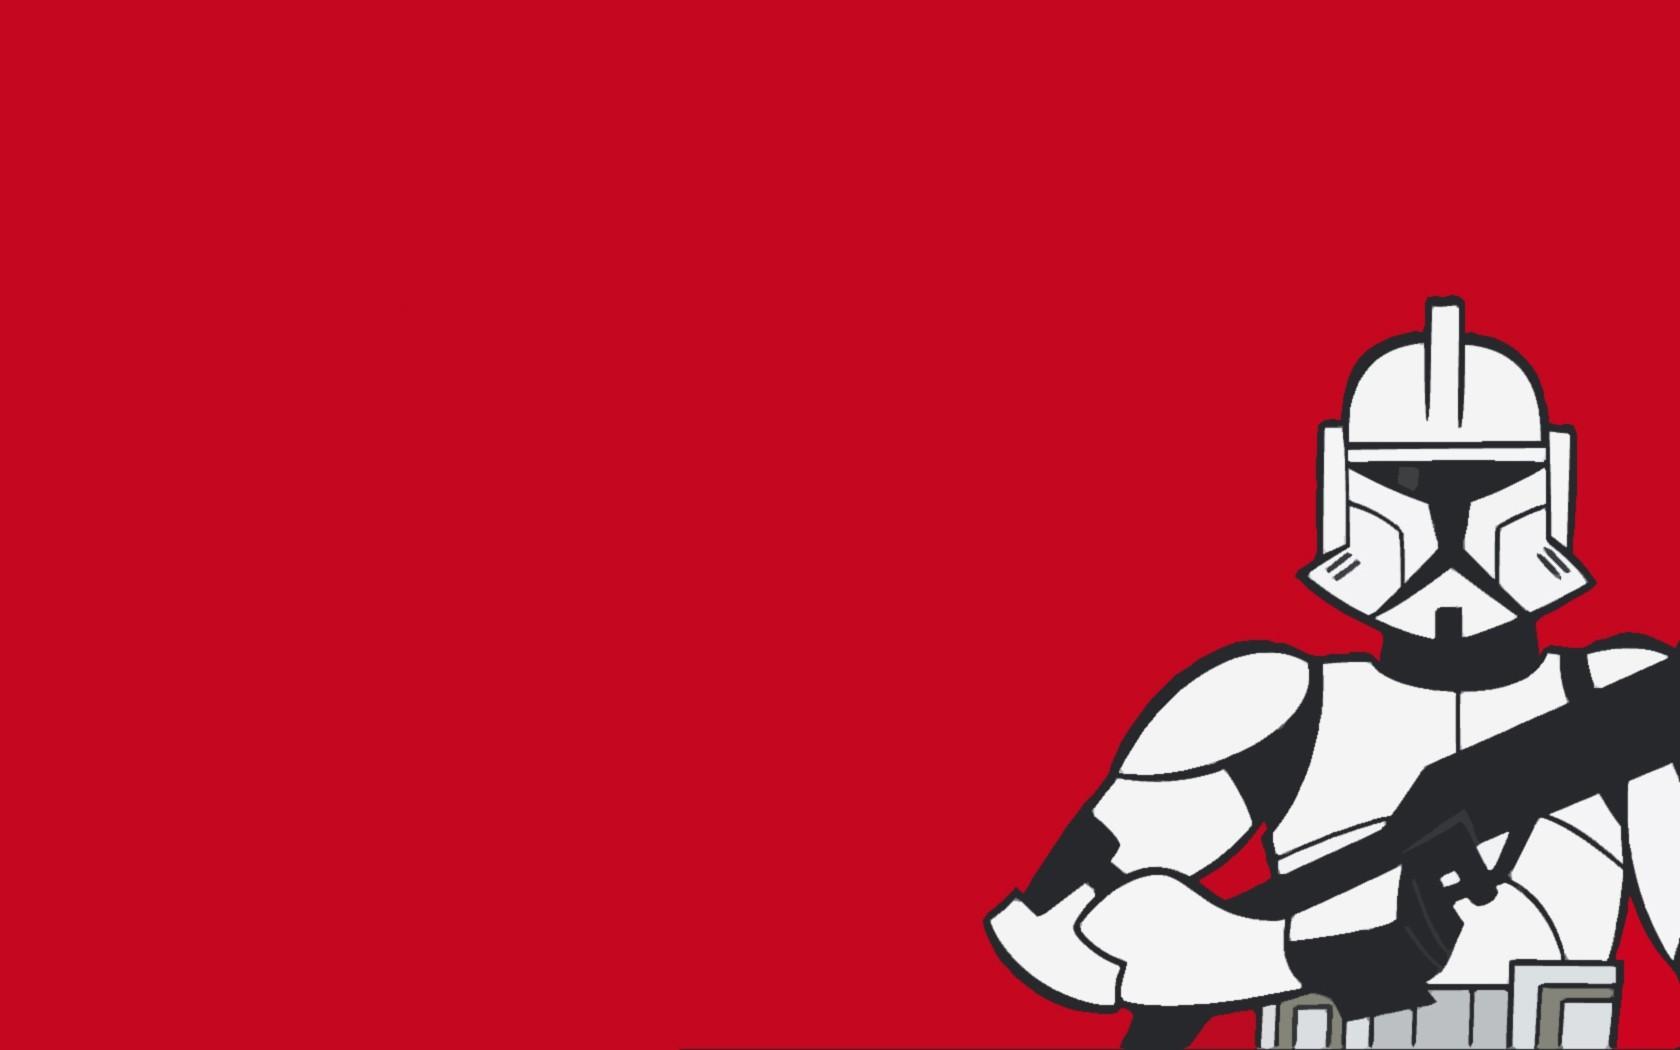 Star Wars Clone Trooper Wallpaper Clone Wars Clone Trooper Wallpaper Hd 1680x1050 Wallpaper Teahub Io